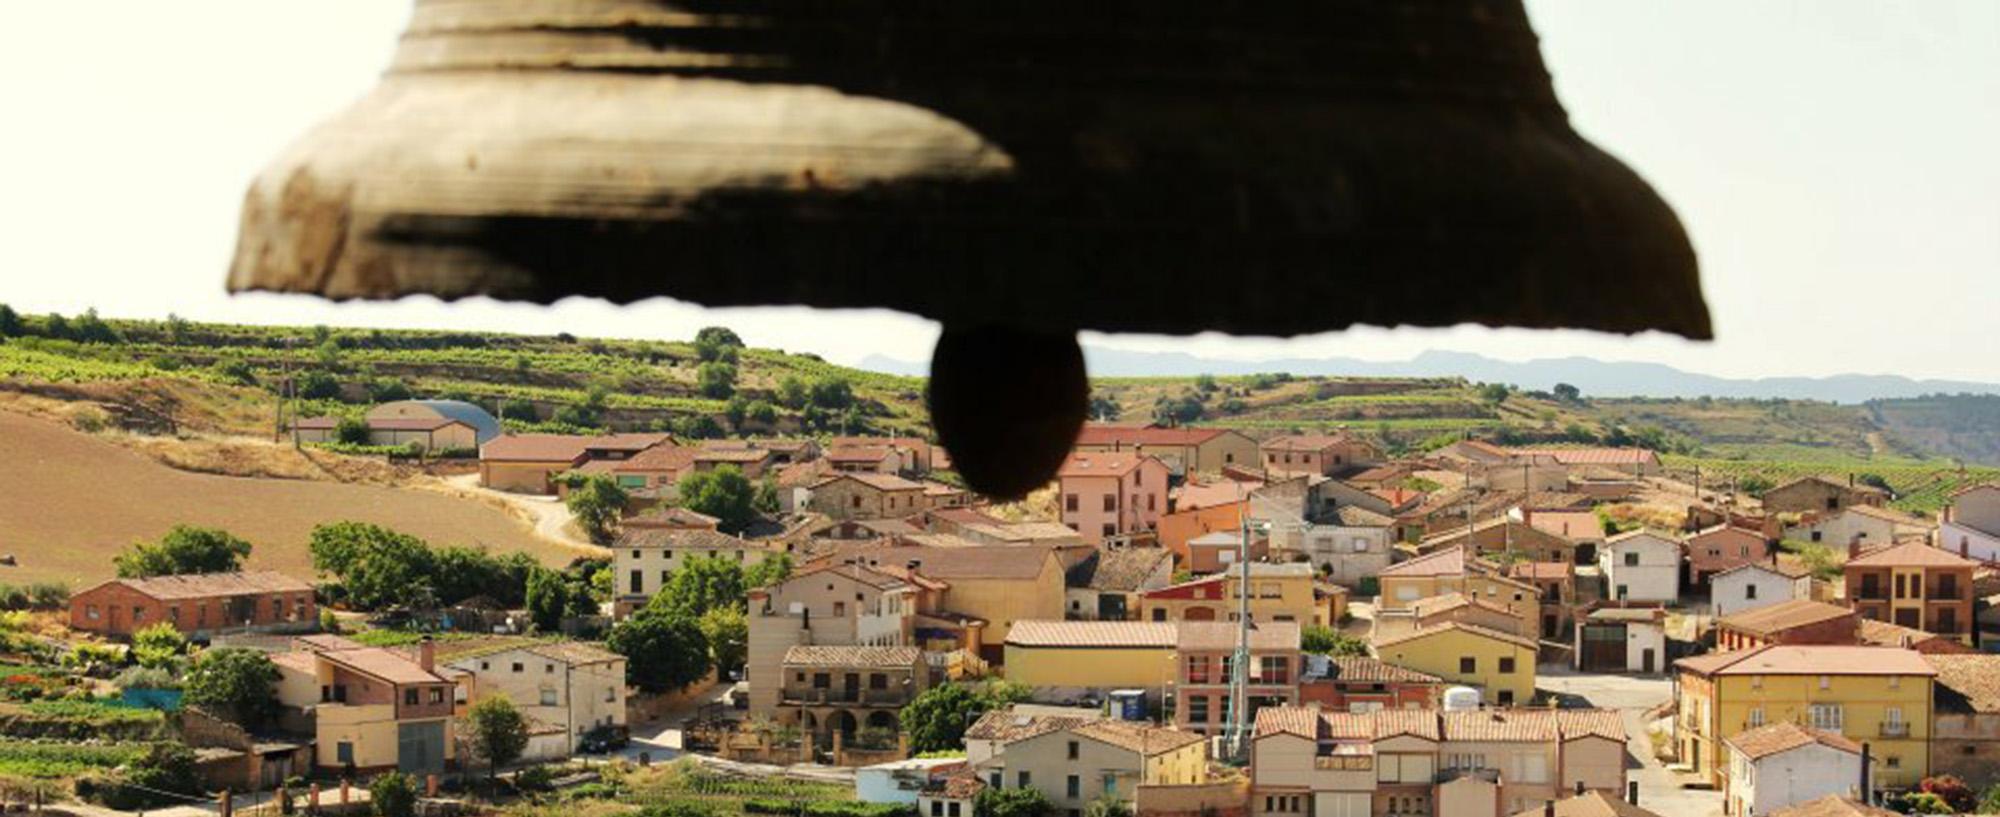 Vistas de San Asensio desde el campanario de la iglesia